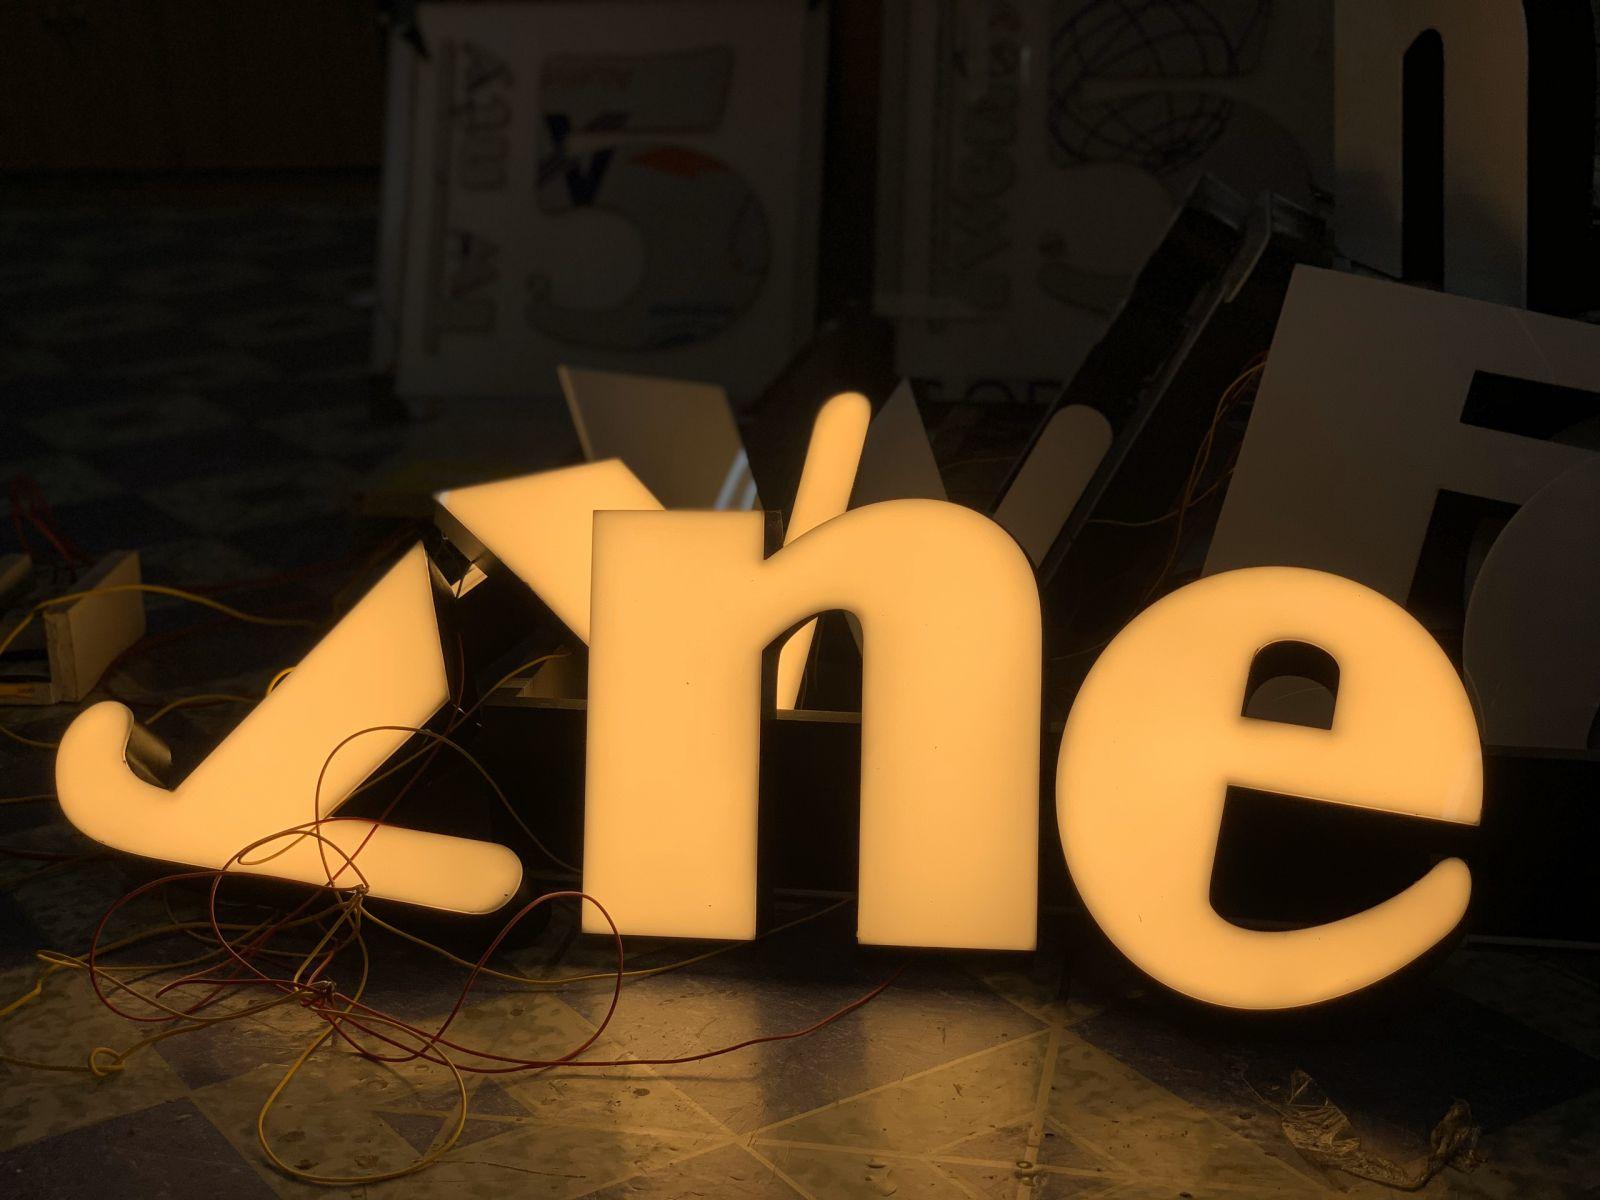 Biển LED chữ nổi